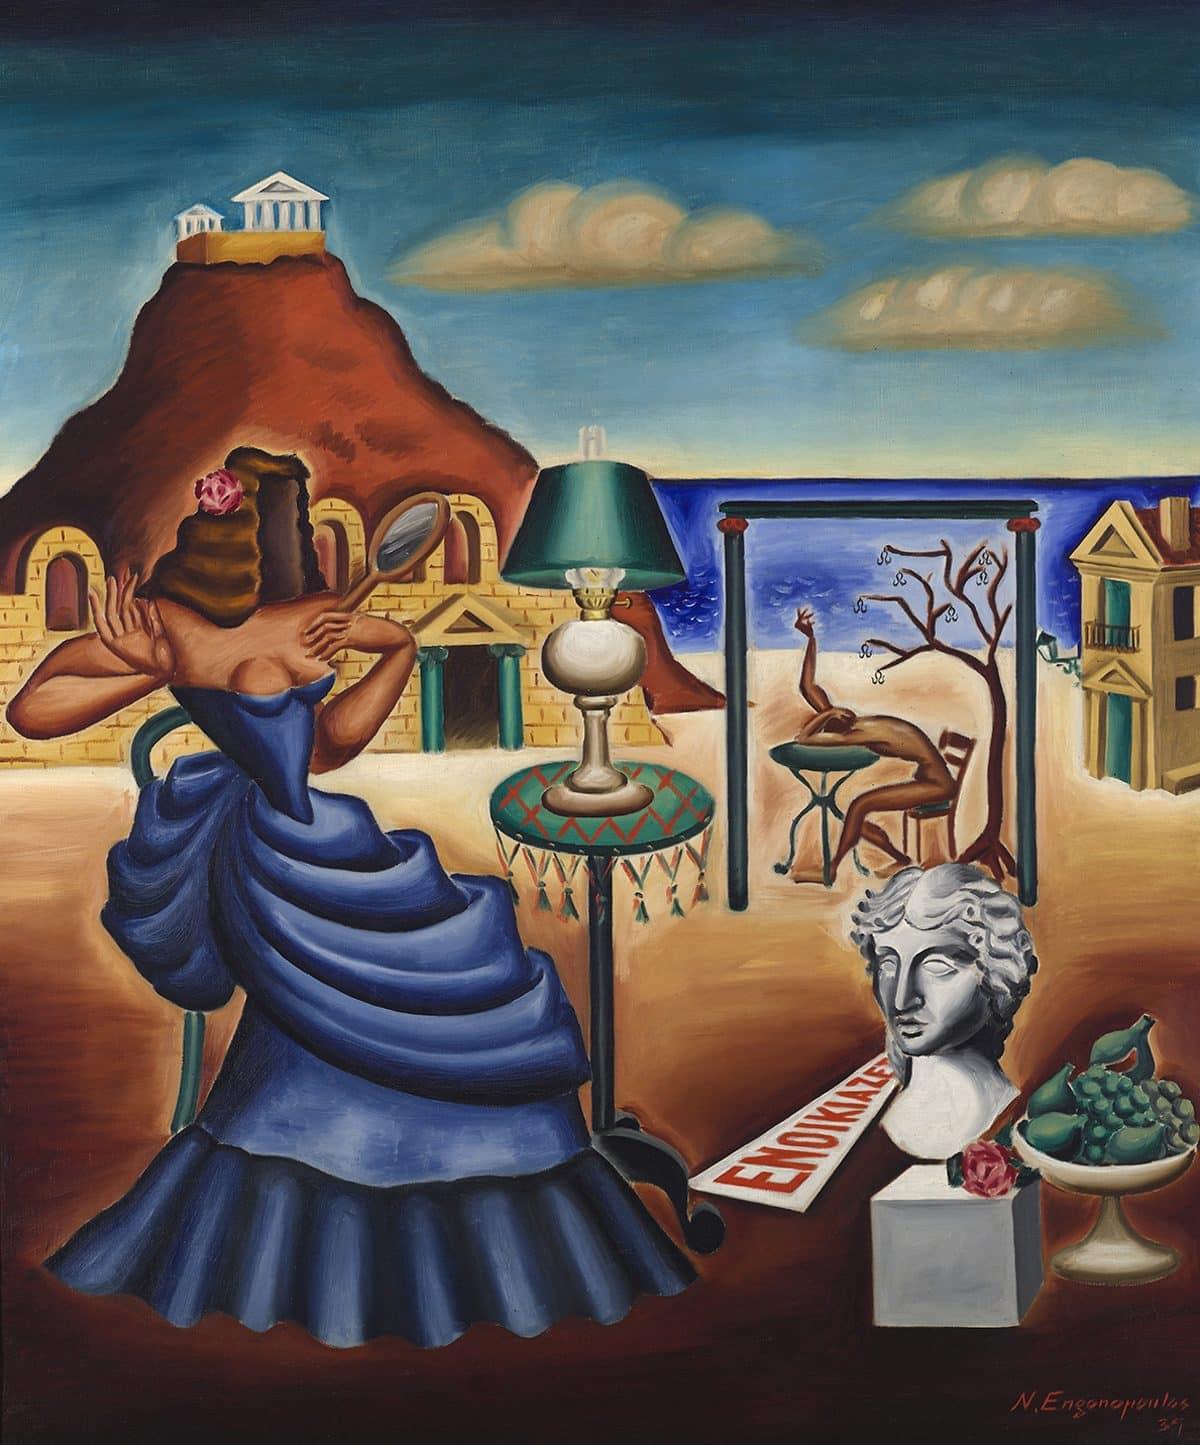 Κουίζ. Αναγνωρίζετε διάσημους πίνακες Ελλήνων ζωγράφων;